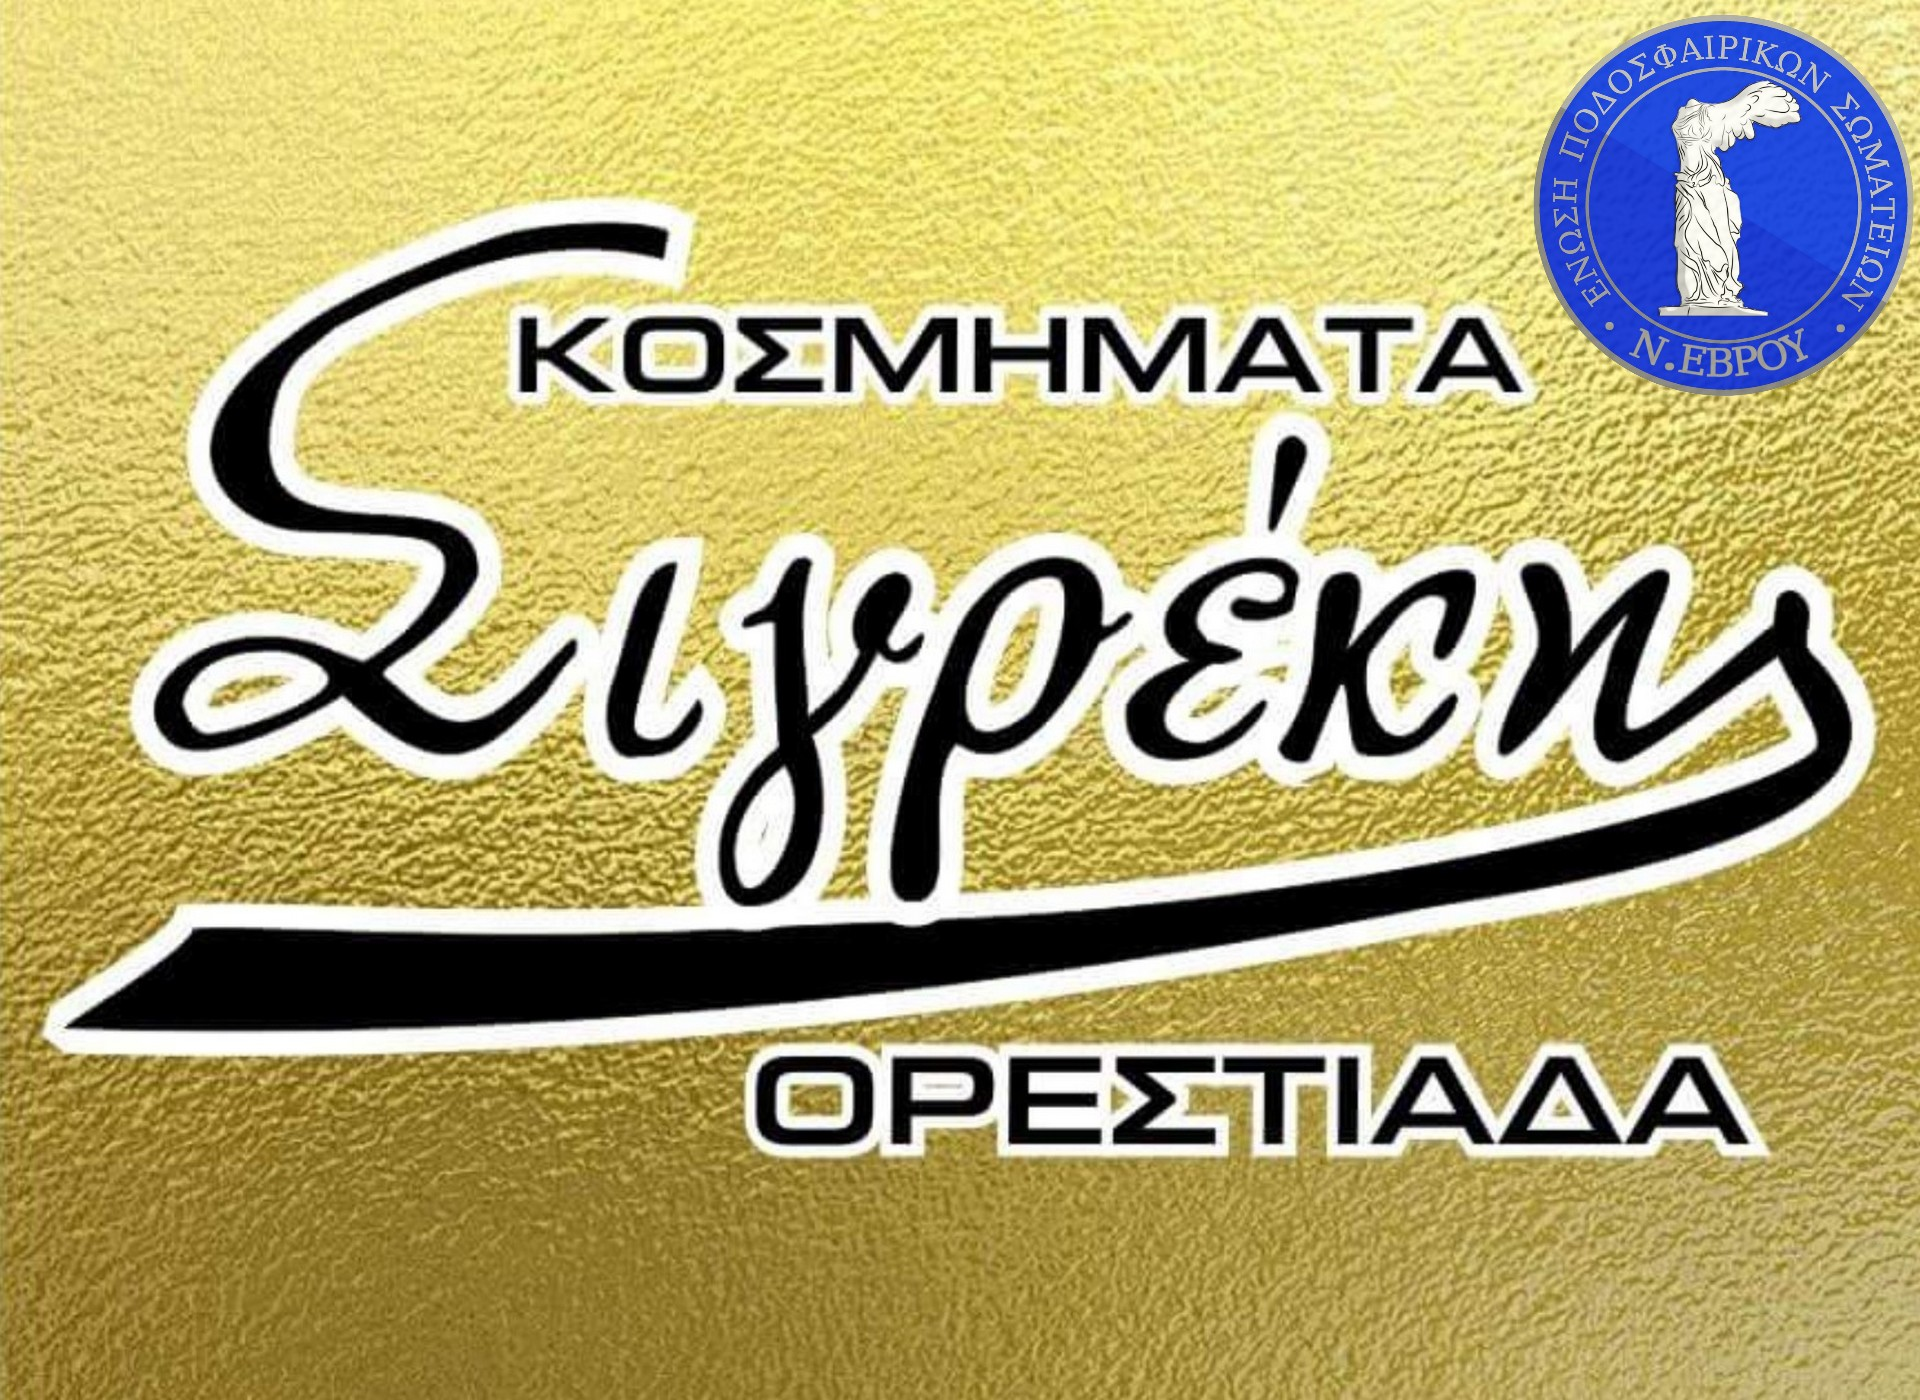 Κύπελλο Ερασιτεχνών «ΣΙΓΡΕΚΗΣ» - ΕΠΣ Έβρου, περιόδου 2018-2019